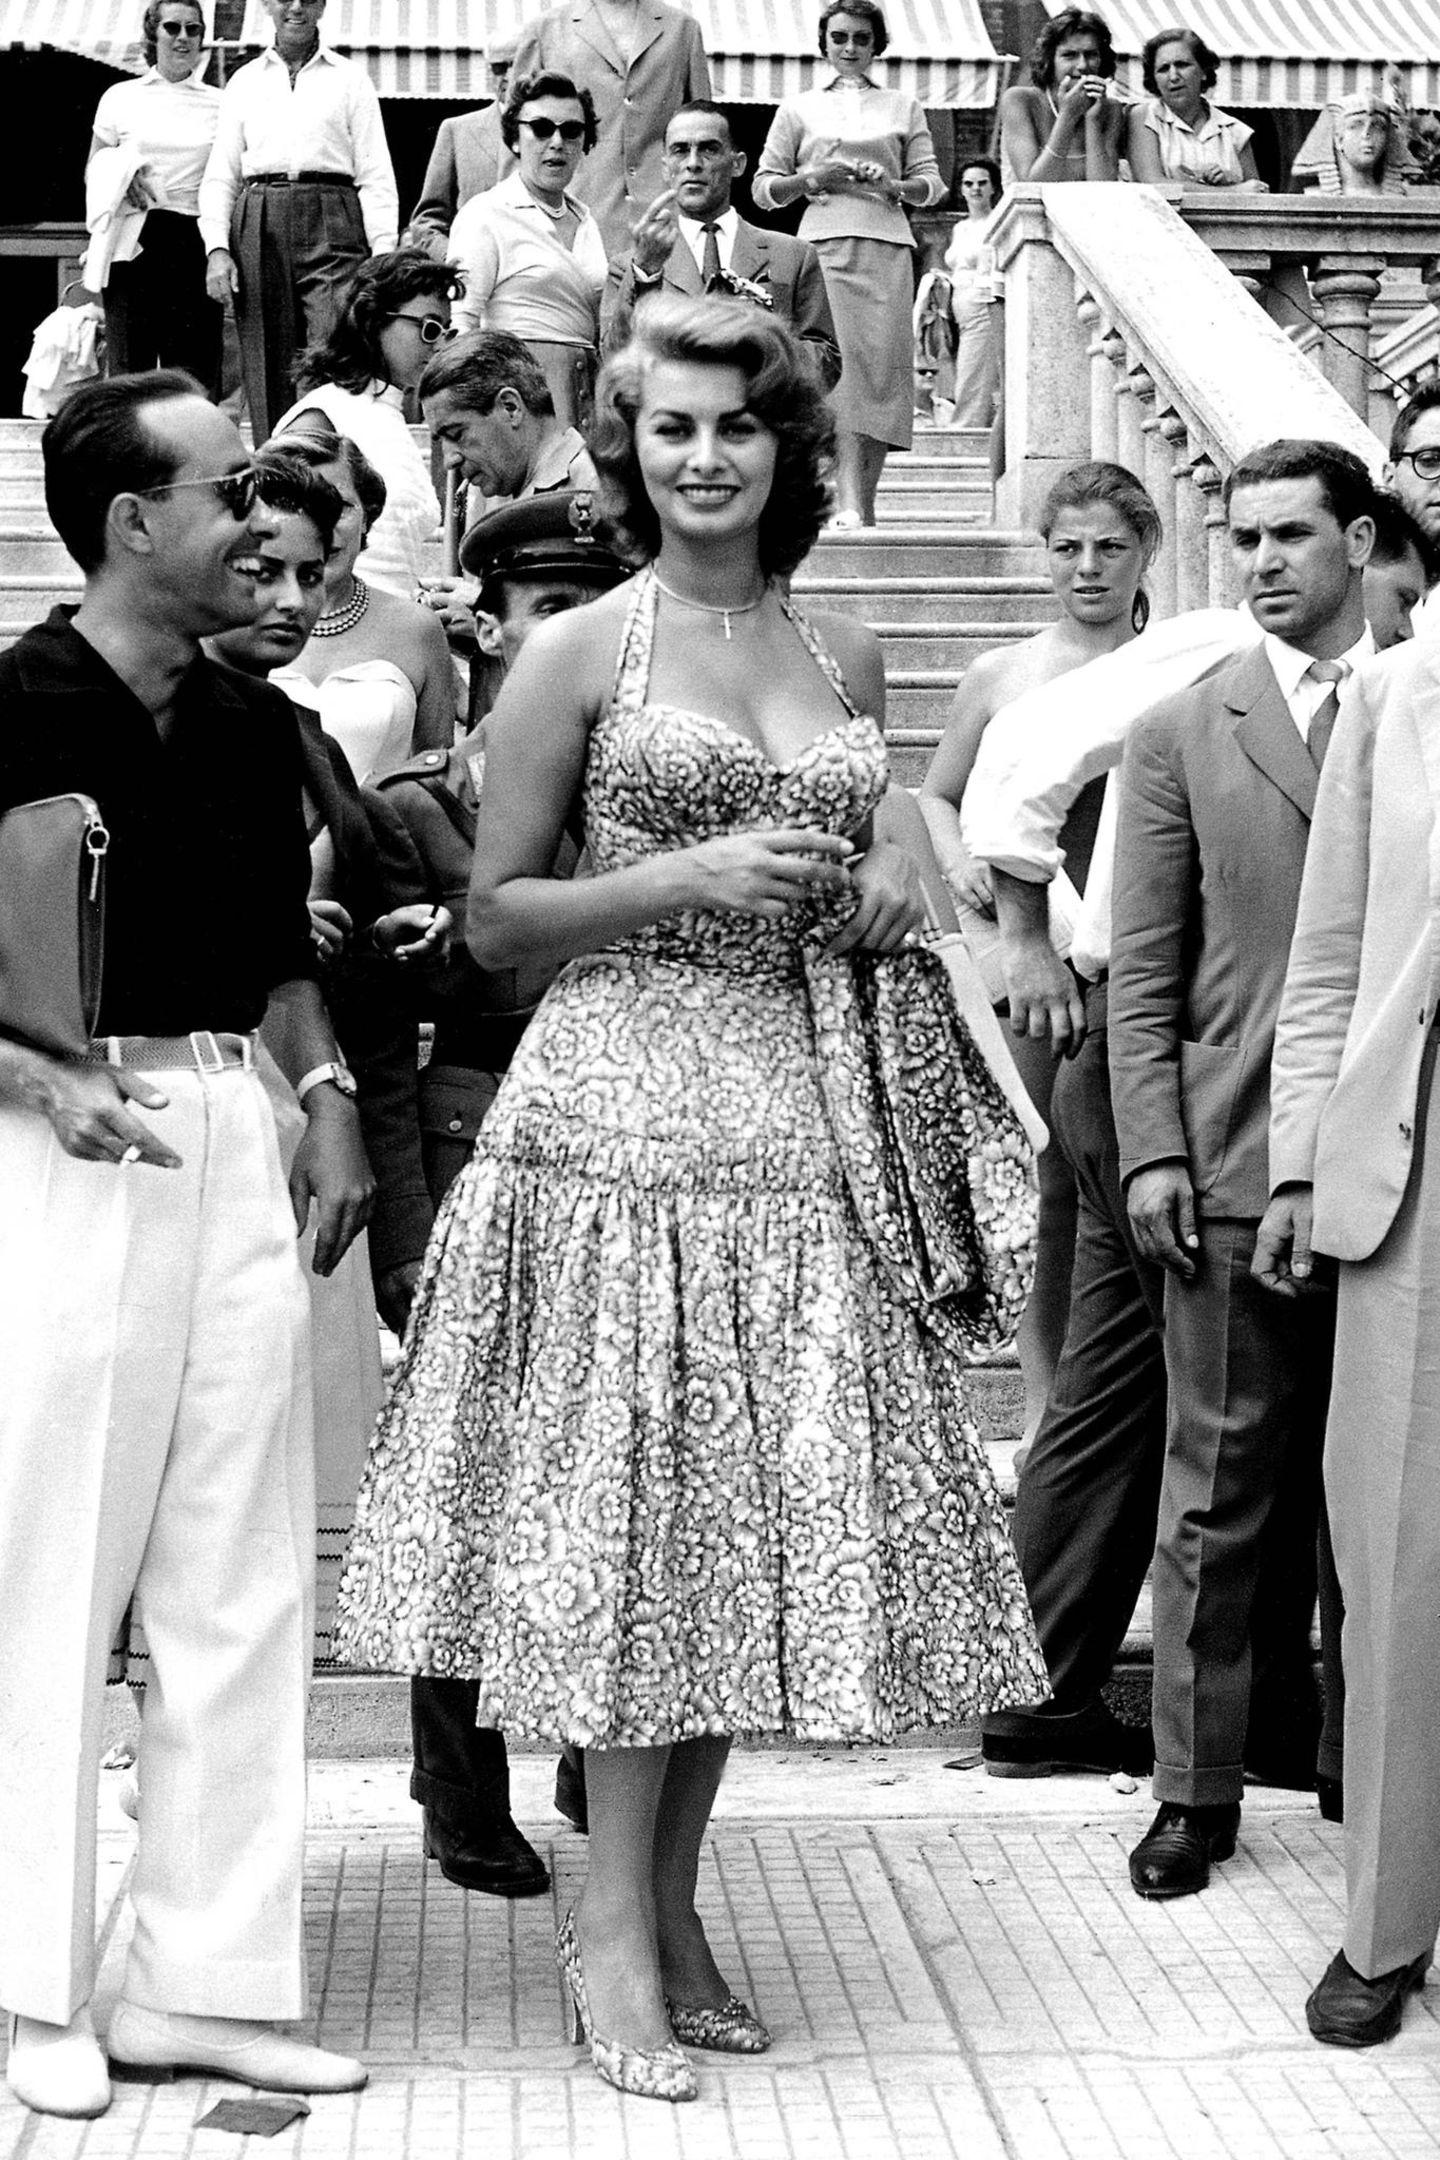 Filmikone Sophia Loren weiß bereits in 1955, dass ein All-Over-Print absolut modisch ist. Bei ihr passen Kleid, Pumps und Jäckchen perfekt zusammen.